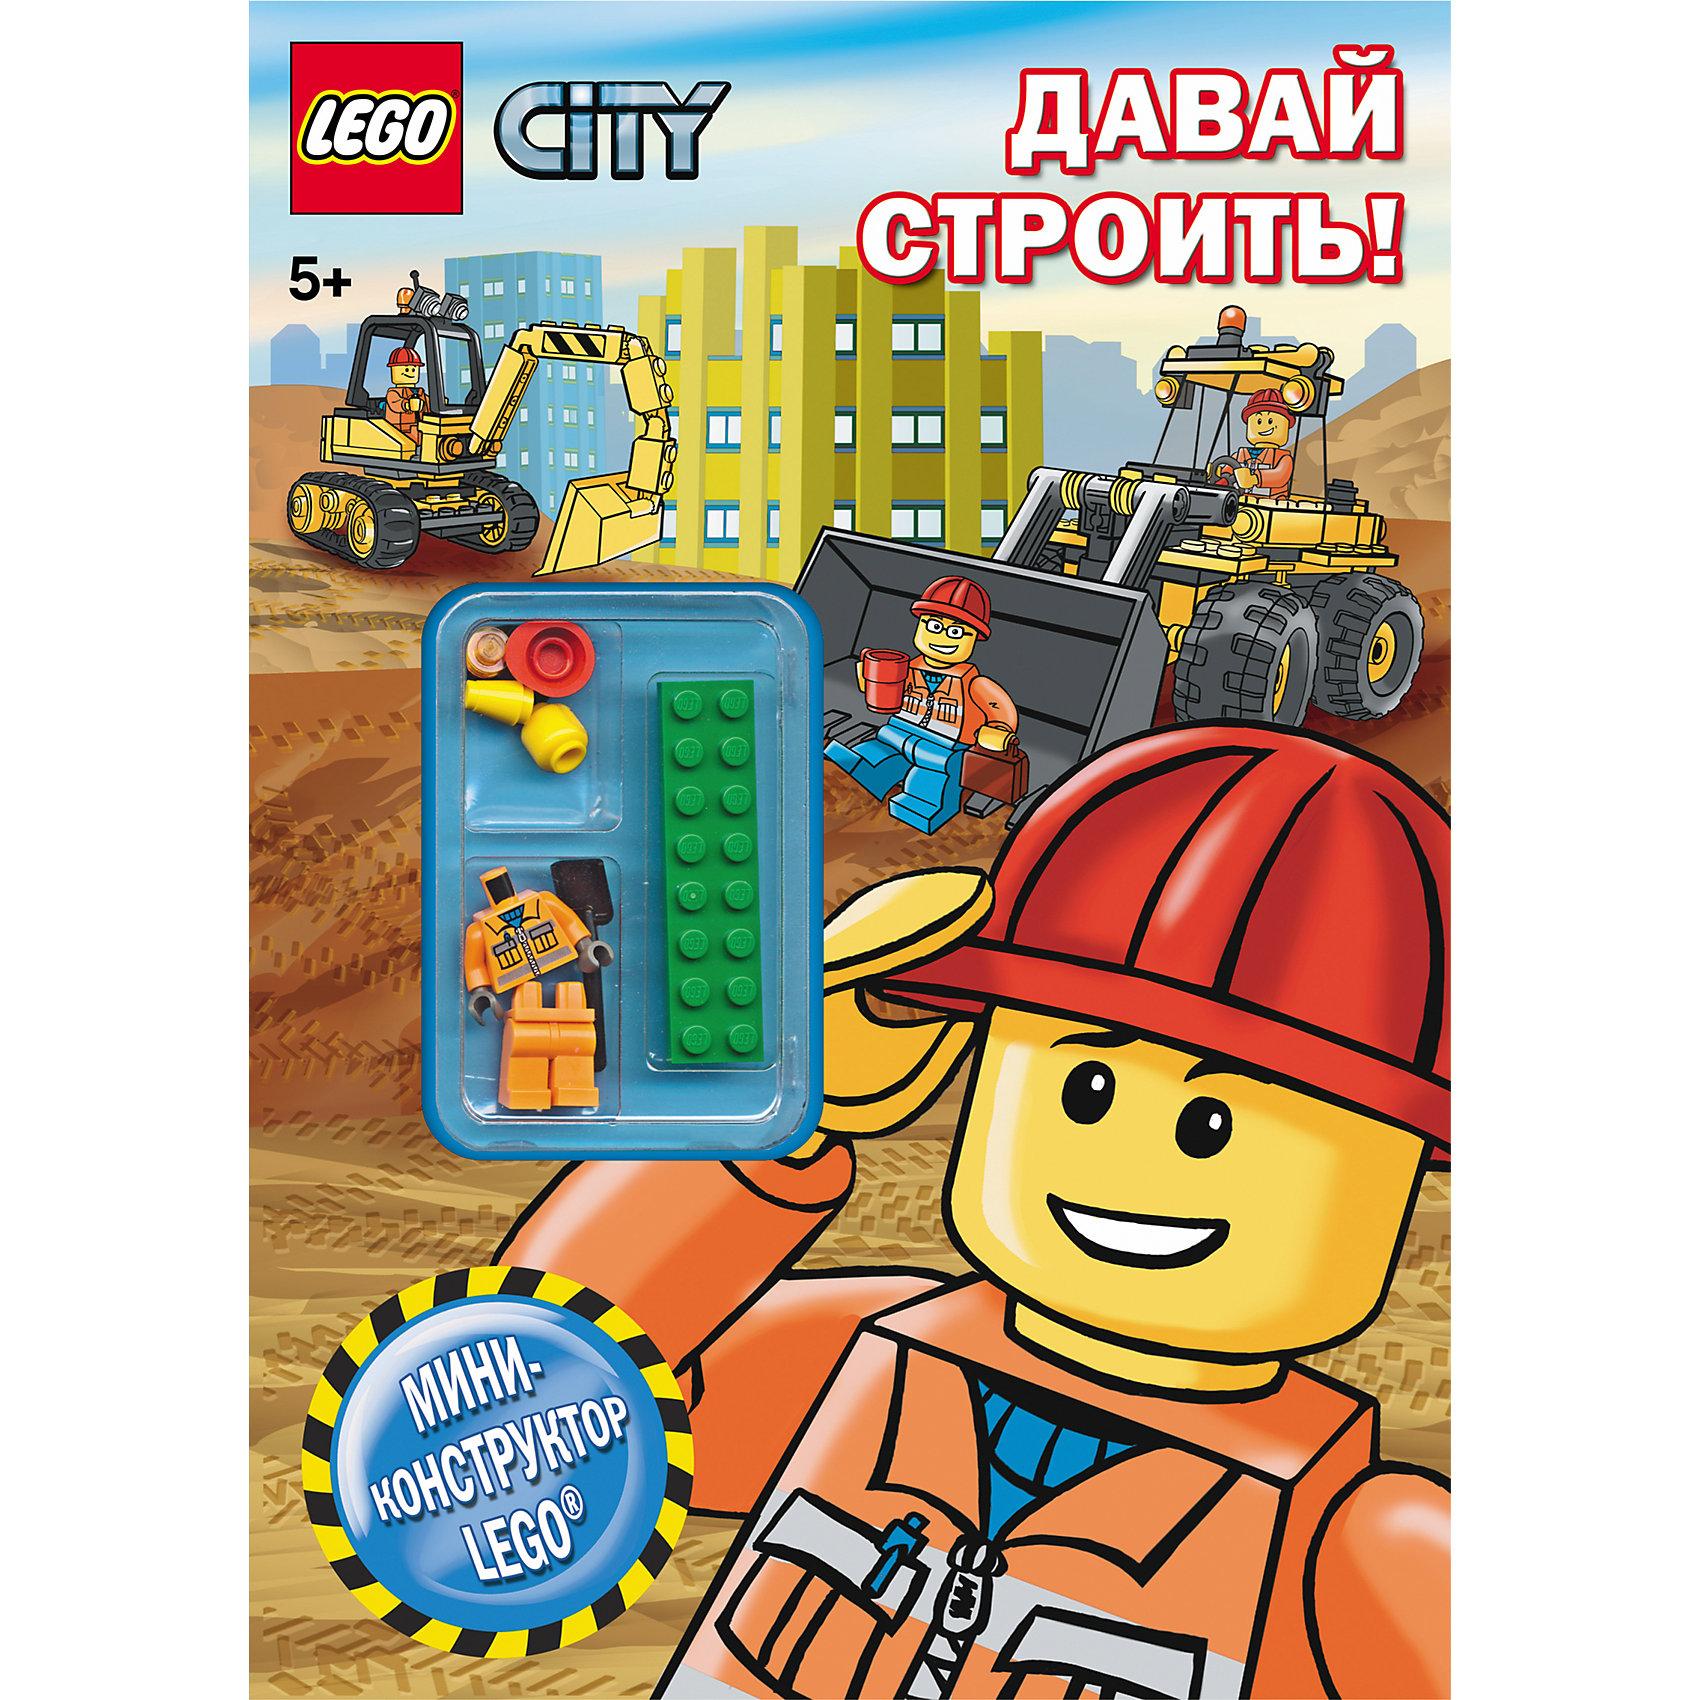 Книга с мини-конструктором Давай строить!, LEGO CityНовый выпуск журнала LEGO City (ЛЕГО Сити) Давай строить позволит Вашему ребенку расширять кругозор играя и выполняя увлекательные задания. Соберите строителя с инструментом и ищите на каждой странице задания, которые помогут погрузиться в полную событий жизнь большой строительной площадки. В стройке все должно работать как часы: роется котлован, замешивается раствор, укладывается кирпич. Прокладывай самый короткий путь, считай инструменты и решай множество интересных задач, чтобы жизнь строительной площадки не остановилась и дом был построен в срок. Играй и развлекайся с пользой с книгой и мини-конструктором Давай строить от LEGO City (ЛЕГО Сити)!<br><br>Дополнительная информация:<br><br>- Количество страниц: 24;<br>- Интересные задания;<br>- Ответы в конце журнала;<br>- Мини-конструктор (9 деталей) LEGO City (ЛЕГО Город) сделает игру интереснее;<br>- Яркие иллюстрации;<br>- Мягкая обложка;<br>- Размер книги: 29 х 20 х 2 см;<br>- Вес: 136 г<br><br>Книгу с мини-конструктором Давай строить, LEGO City (ЛЕГО Сити) можно купить в нашем интернет-магазине.<br><br>Ширина мм: 8<br>Глубина мм: 205<br>Высота мм: 290<br>Вес г: 135<br>Возраст от месяцев: 48<br>Возраст до месяцев: 72<br>Пол: Мужской<br>Возраст: Детский<br>SKU: 4212539